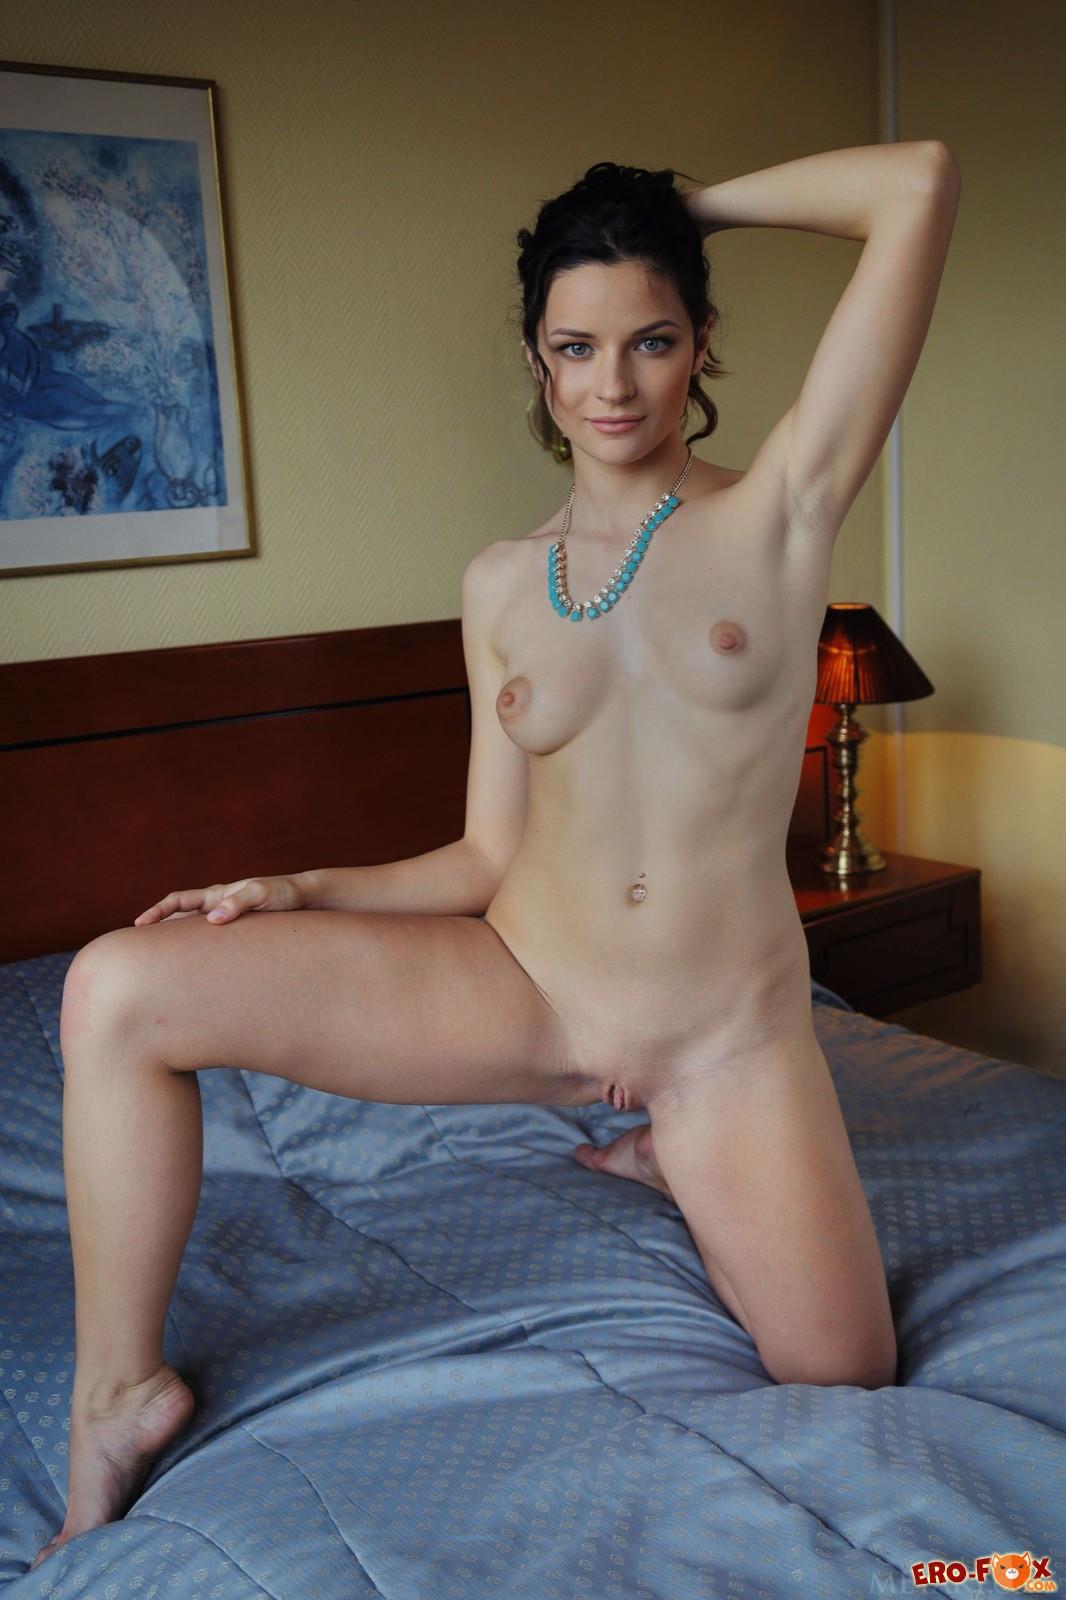 Подруга с сочной попкой и грудью позирует в спальне